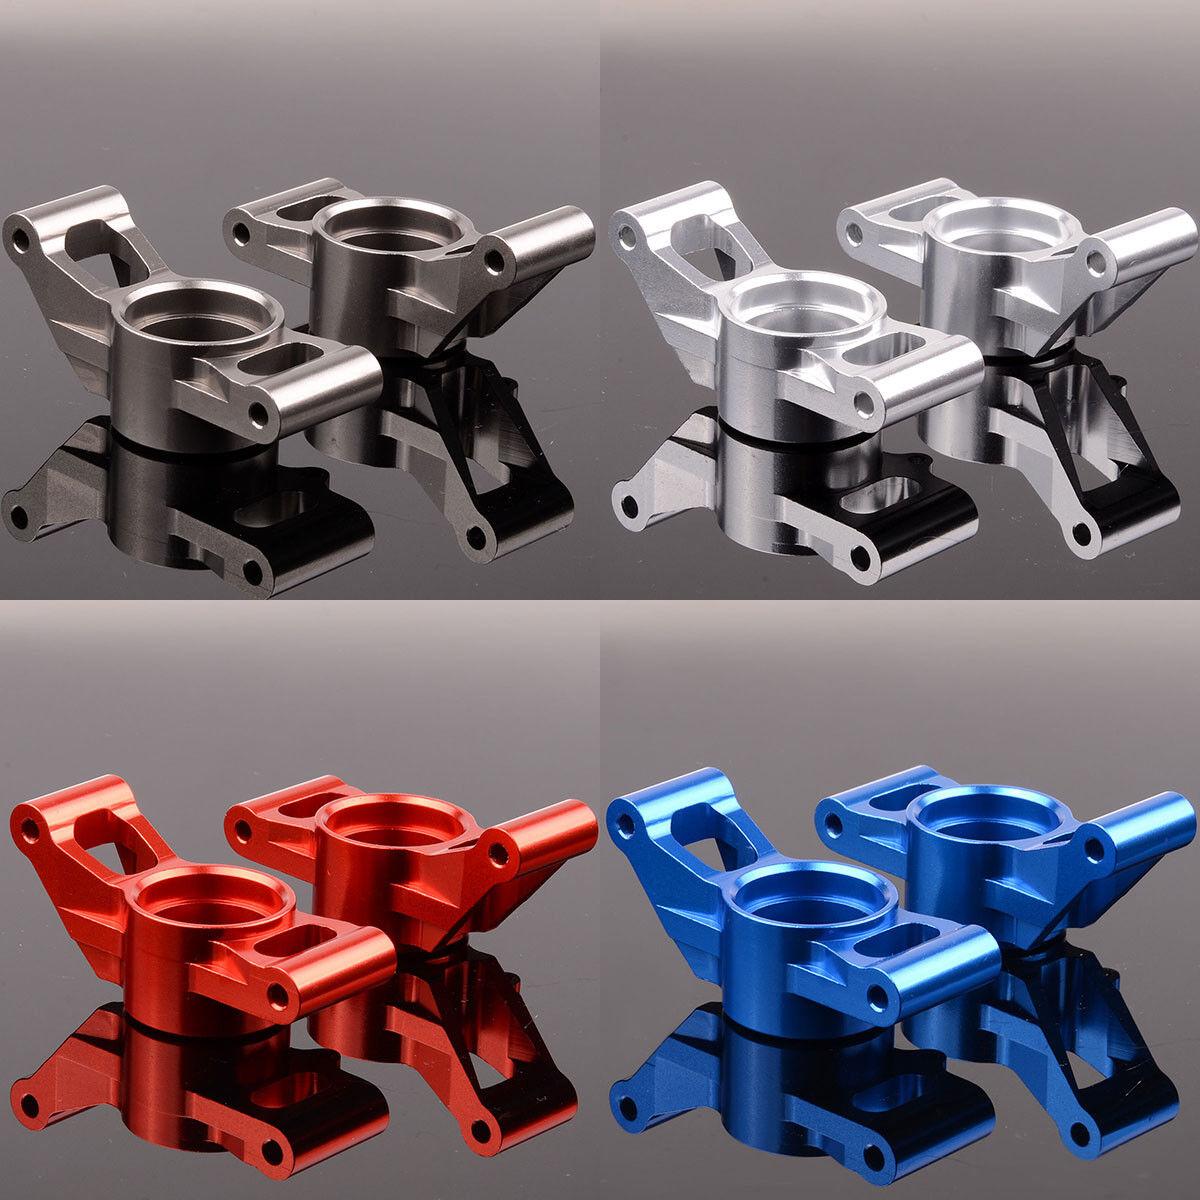 2P Aluminum Carriers, stub axle (L & R) 7752 For RC 1 5 Traxxas X-Maxx 77076-4